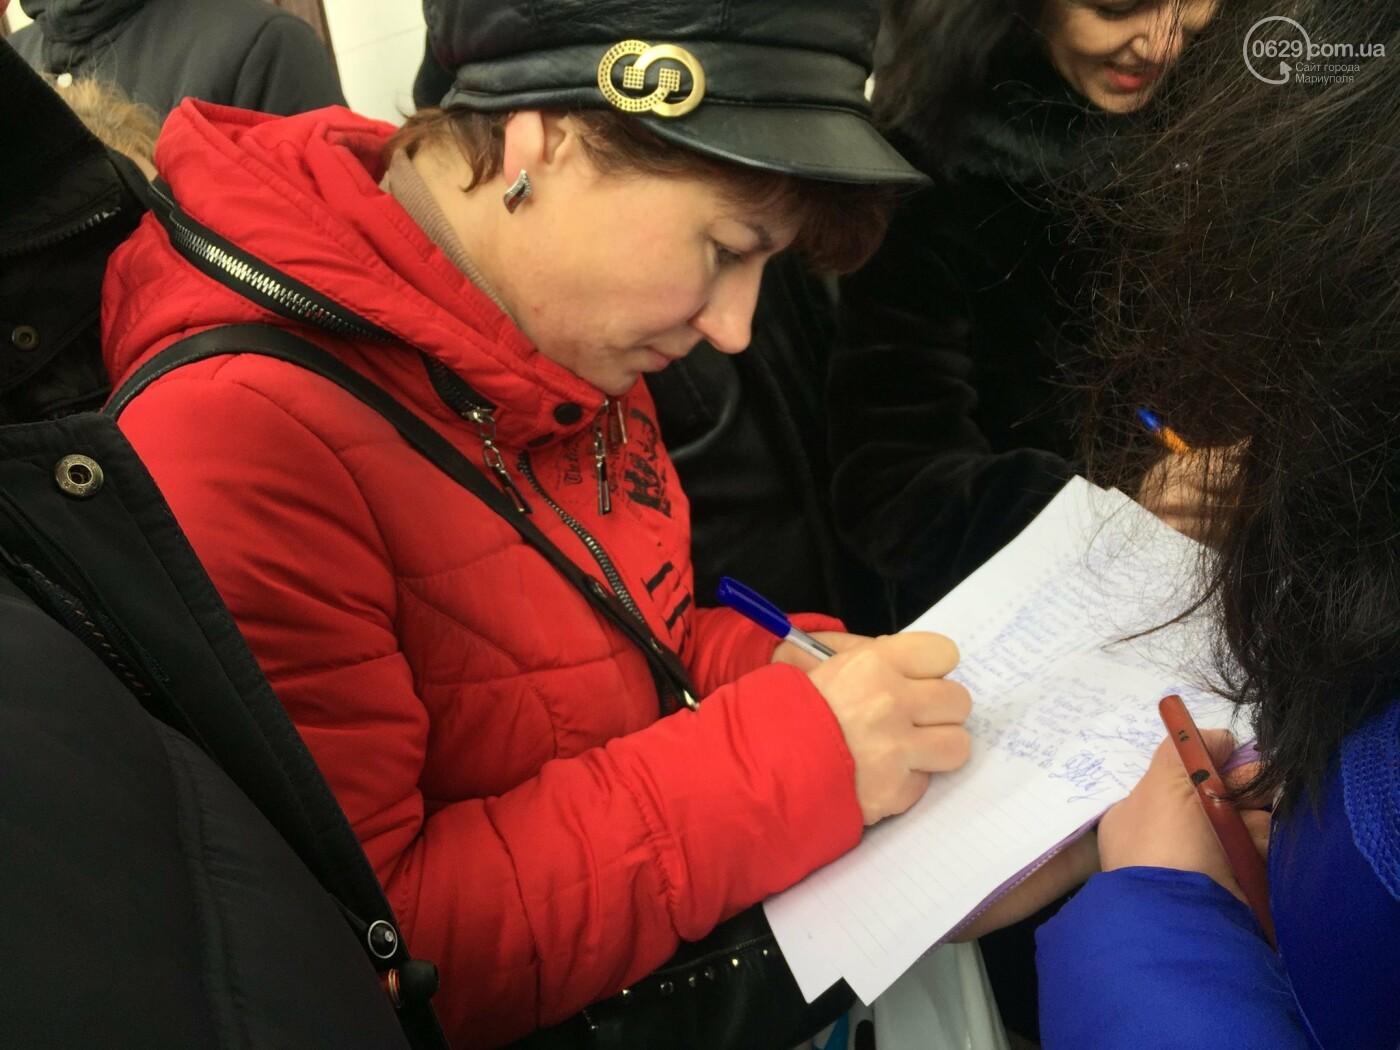 Мариупольцы митингуют против повышения тарифов на проезд, - ФОТО, ВИДЕО, Дополняется, фото-13